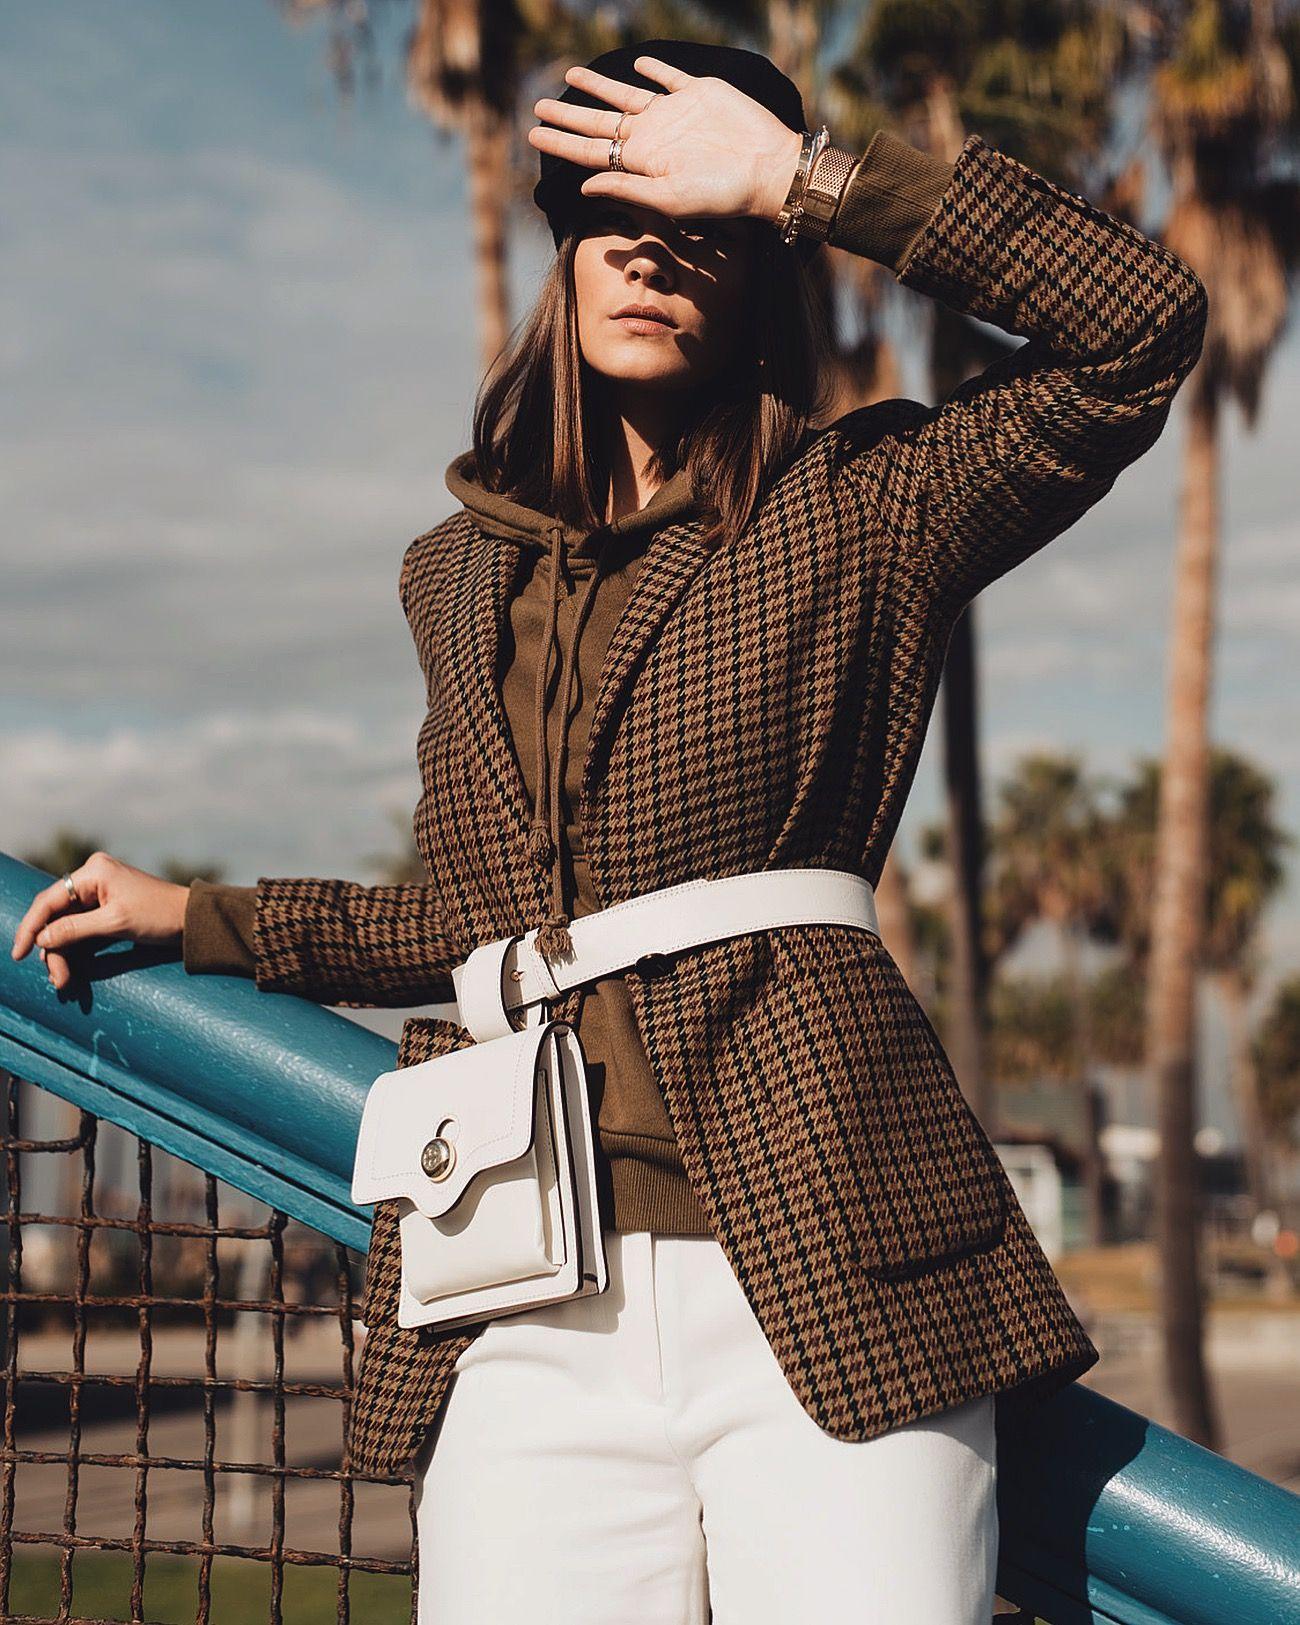 món đồ thời trang cô gái mặc áo blazer kẻ ô màu nâu và belt bag trắng